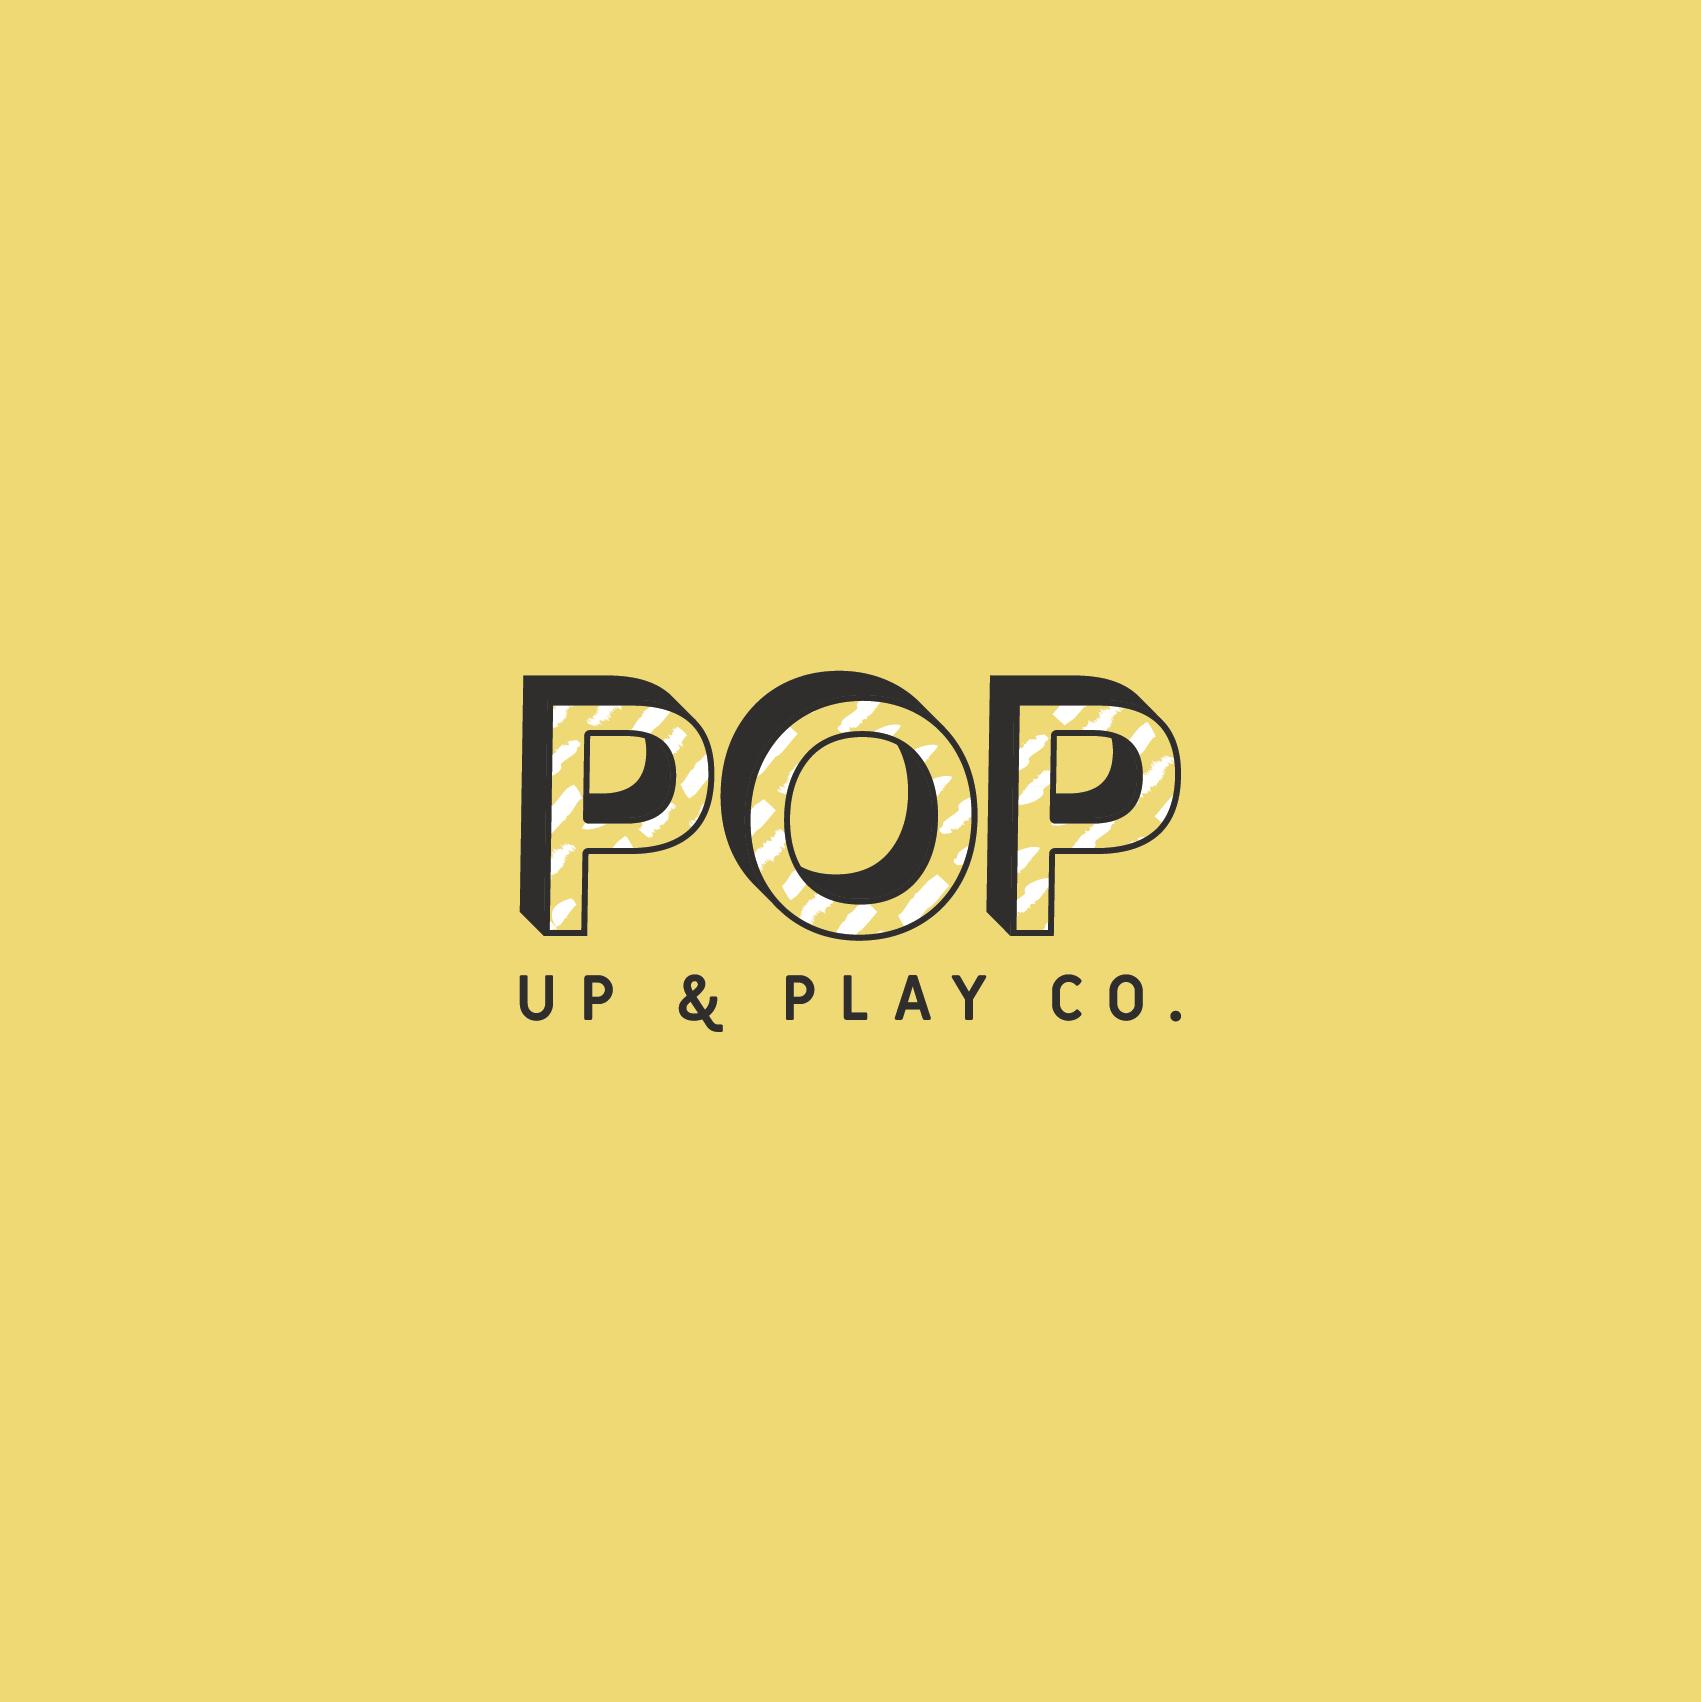 Pop Yellow Sq@2x.png